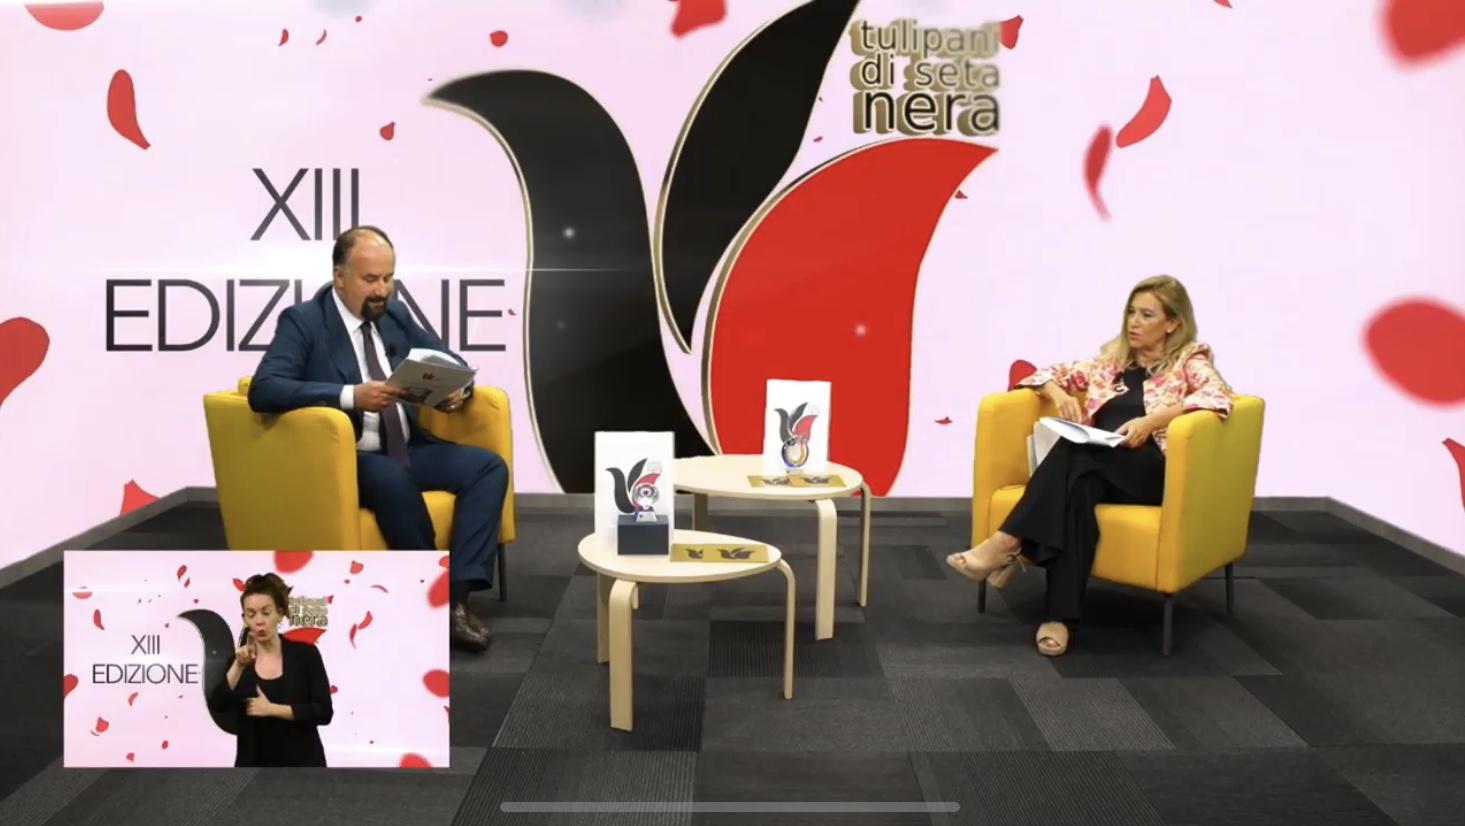 XIII Tulipani di Seta Nera: quarta e ultima giornata in attesa del gran finale